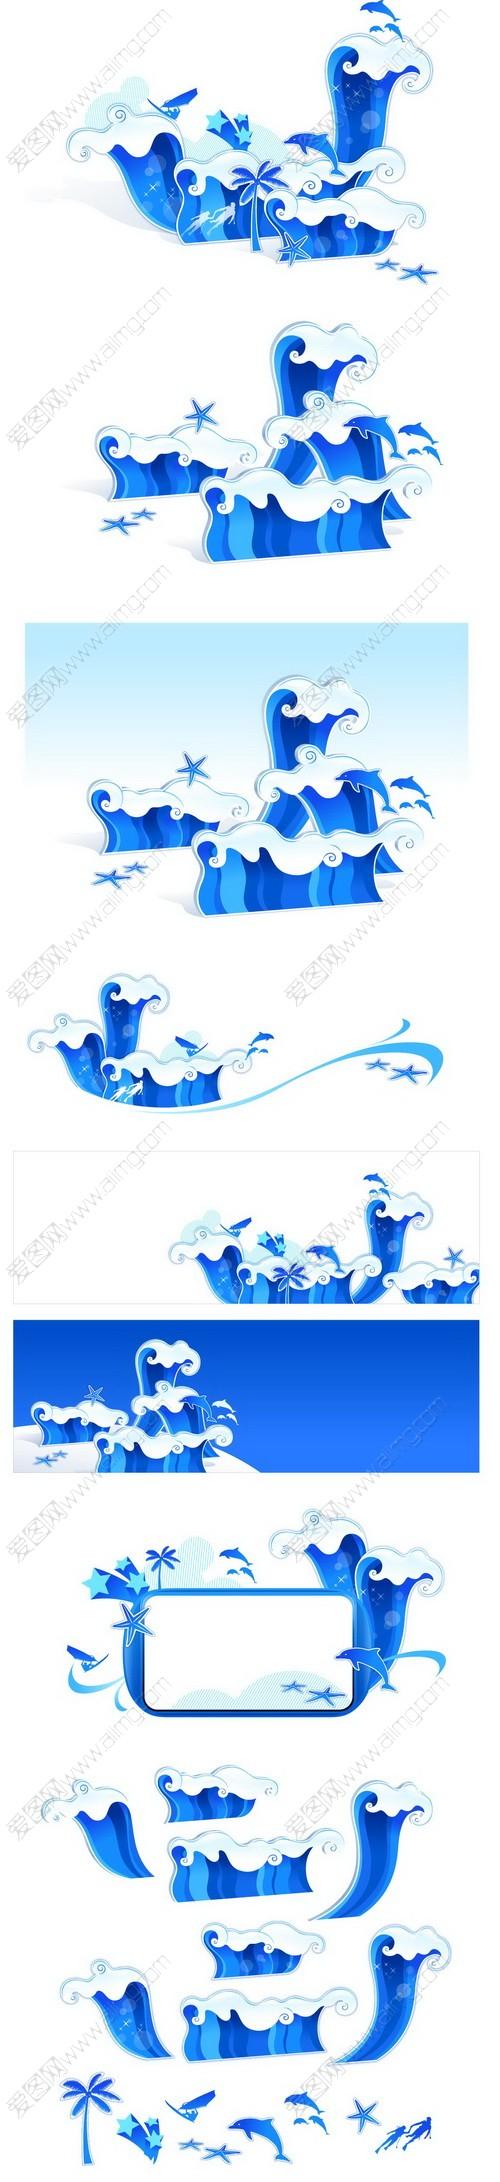 矢量素材 花边花角矢量素材  ai格式,共12张图,含jpg预览图,12款蓝色